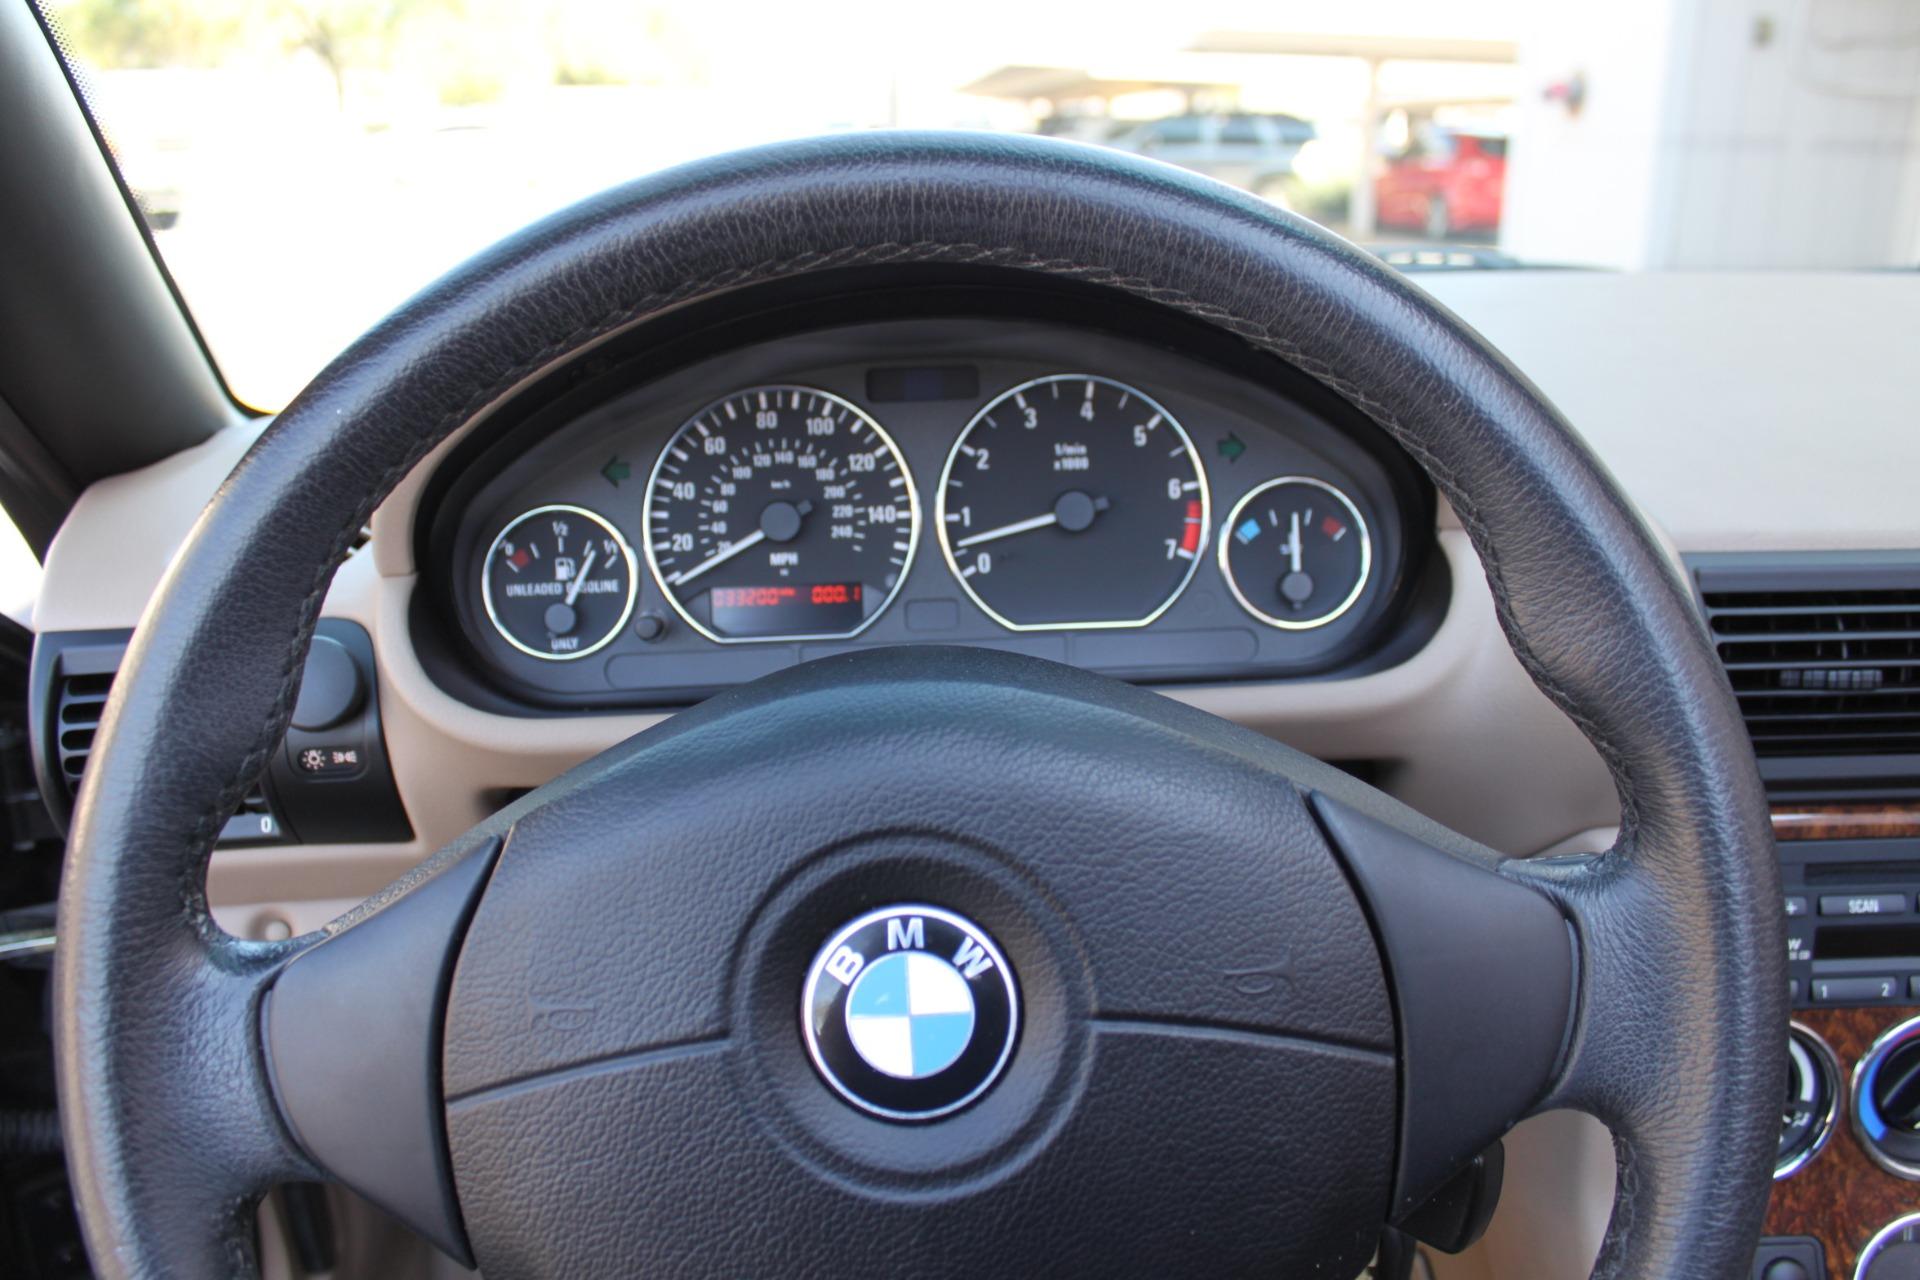 Used-2001-BMW-Z3-Roadster-30i-Range-Rover